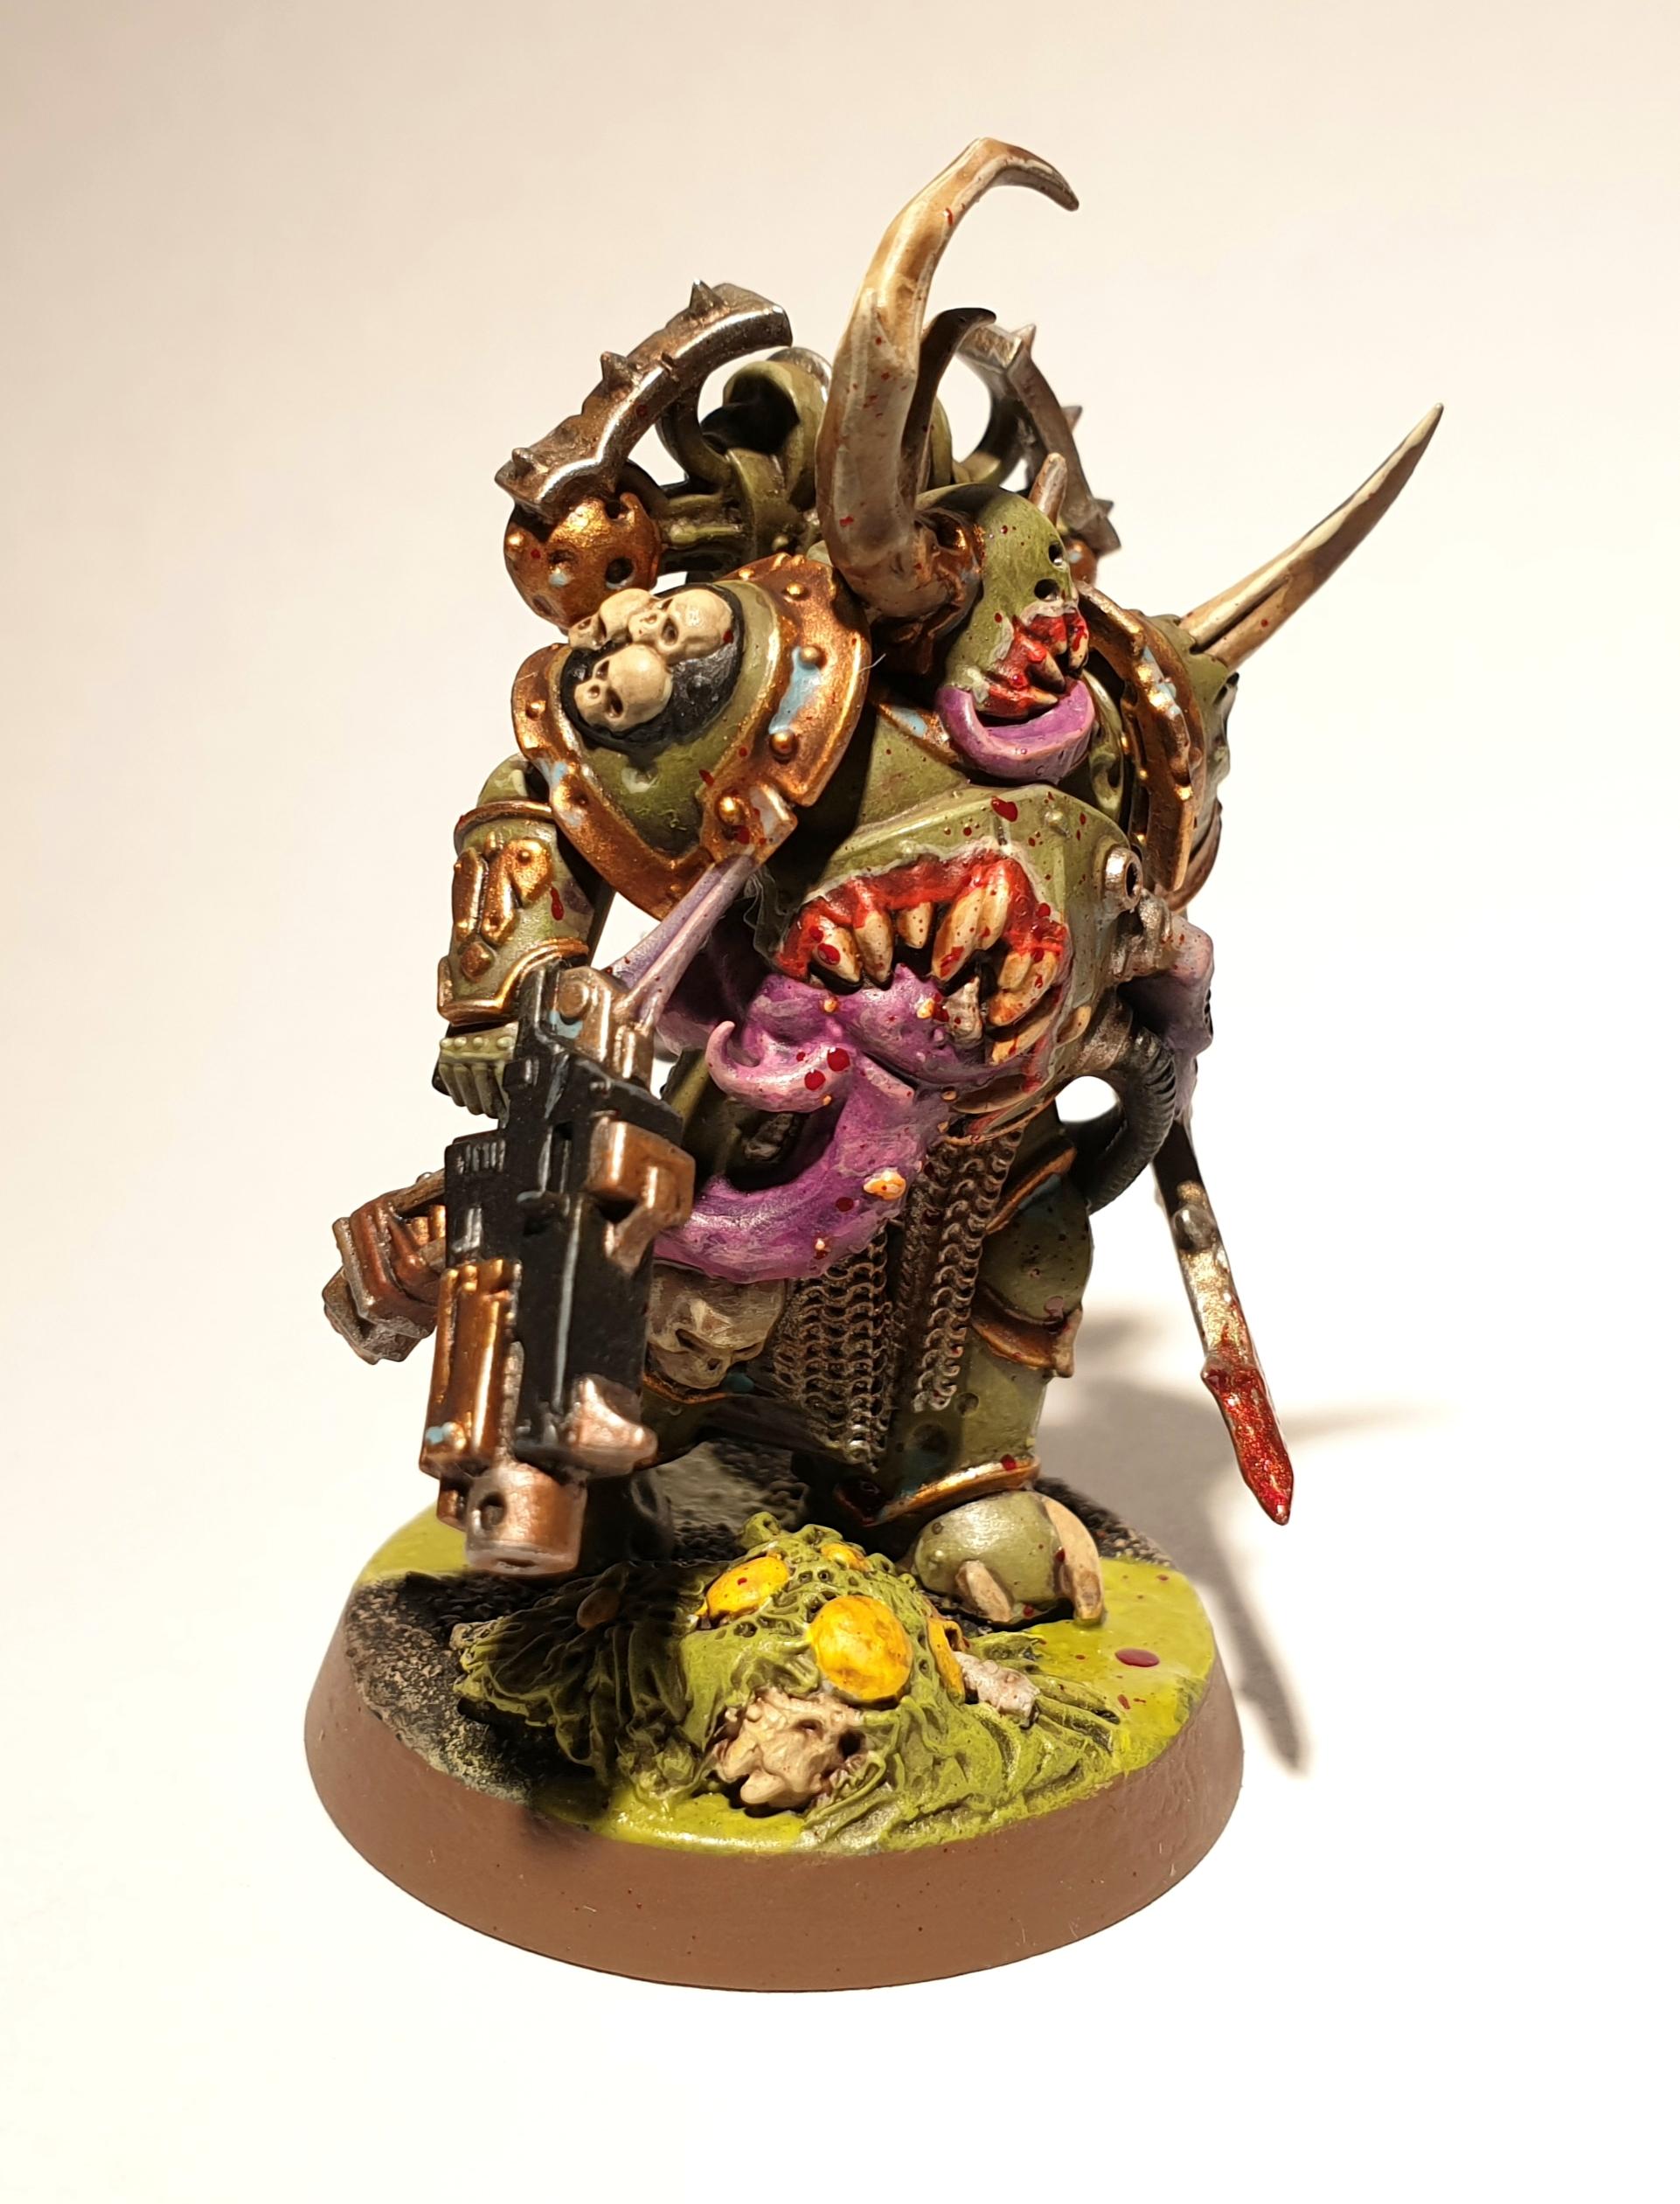 Pyogenus the Flesh-eater